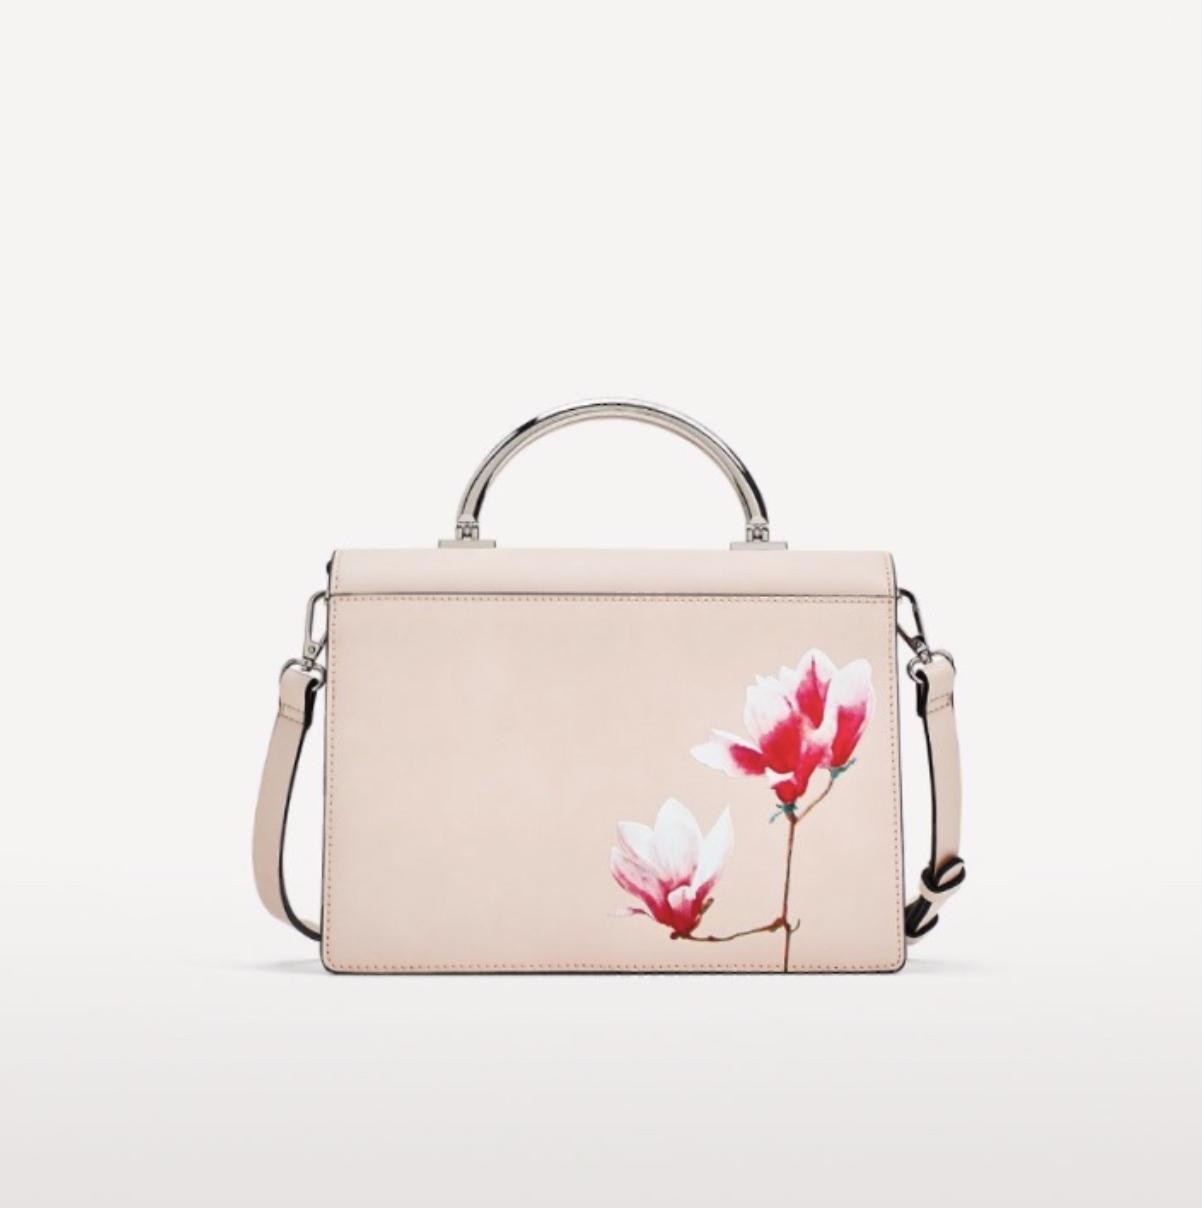 ZARA kabelka vintage kvetina tlače NAHÉ rameno